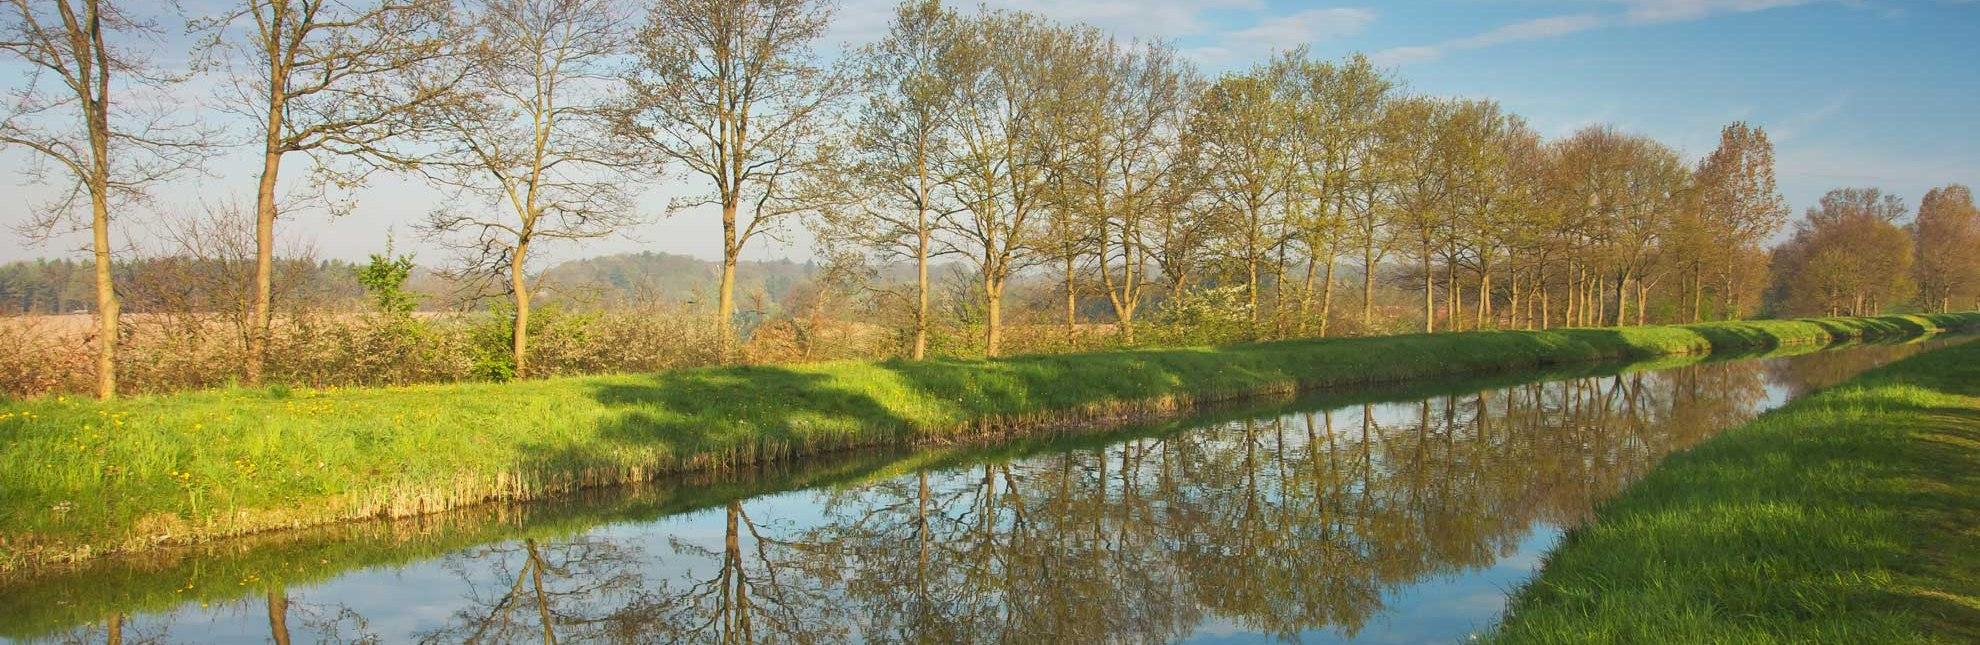 Schaalseekanal, © Thomas Ebelt/ HLMS